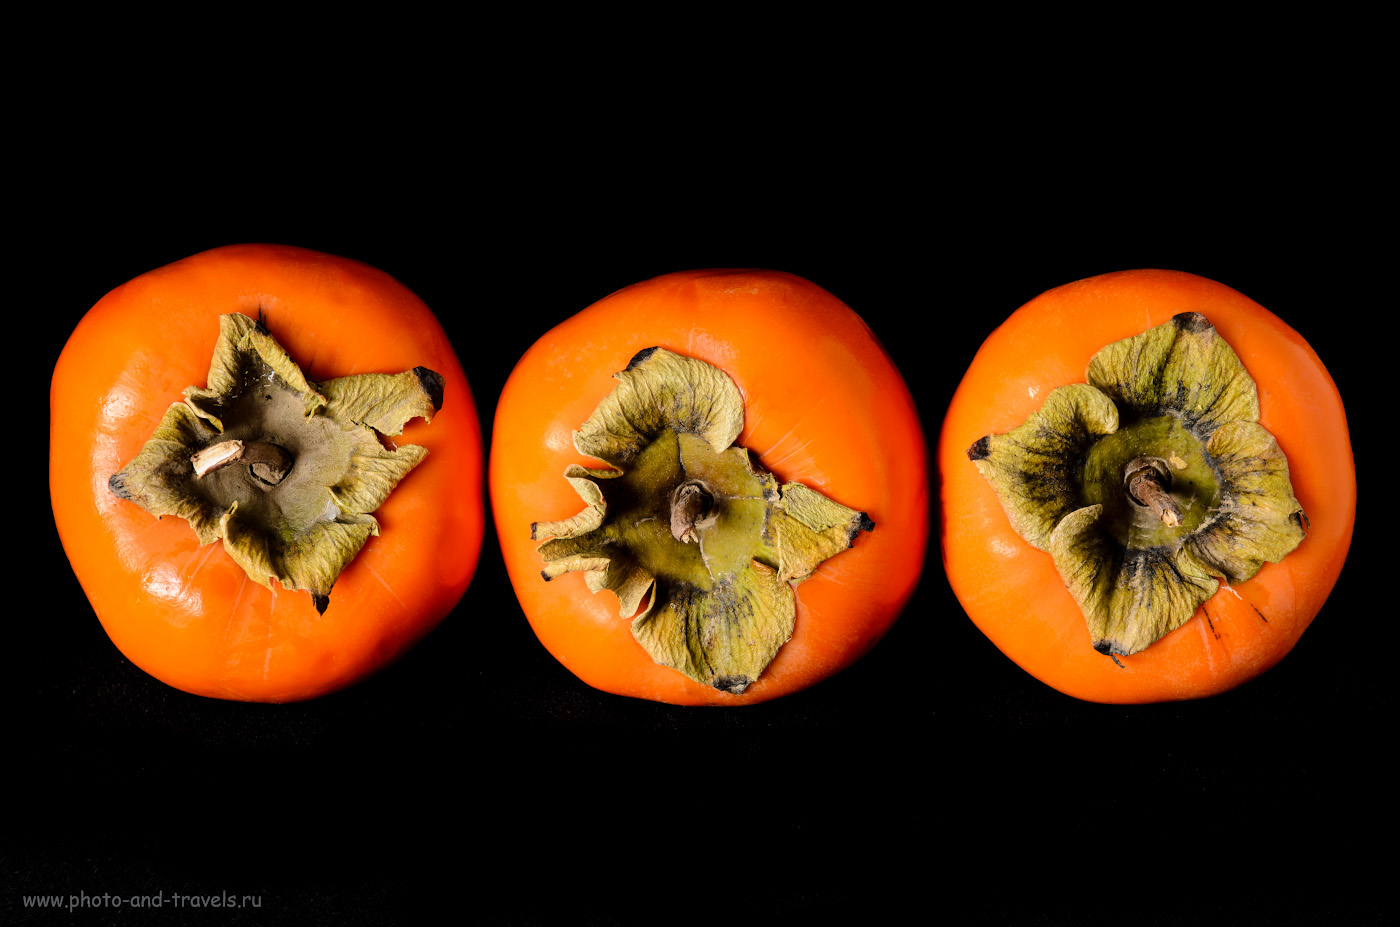 Фото 16. Фотографируем ягоды в фотостудии дома. Схема освещения: слева – софтбокс, сзади – черный фон. Снято на Nikon D5100 и зум Nikon 17-55mm f/2.8. Осваиваем освещение с помощью вспышек Yongnuo YN-685N. Управление - от триггера Yongnuo YN-622N-TX. Настройки: 1/200, 8.0, 100, 55.